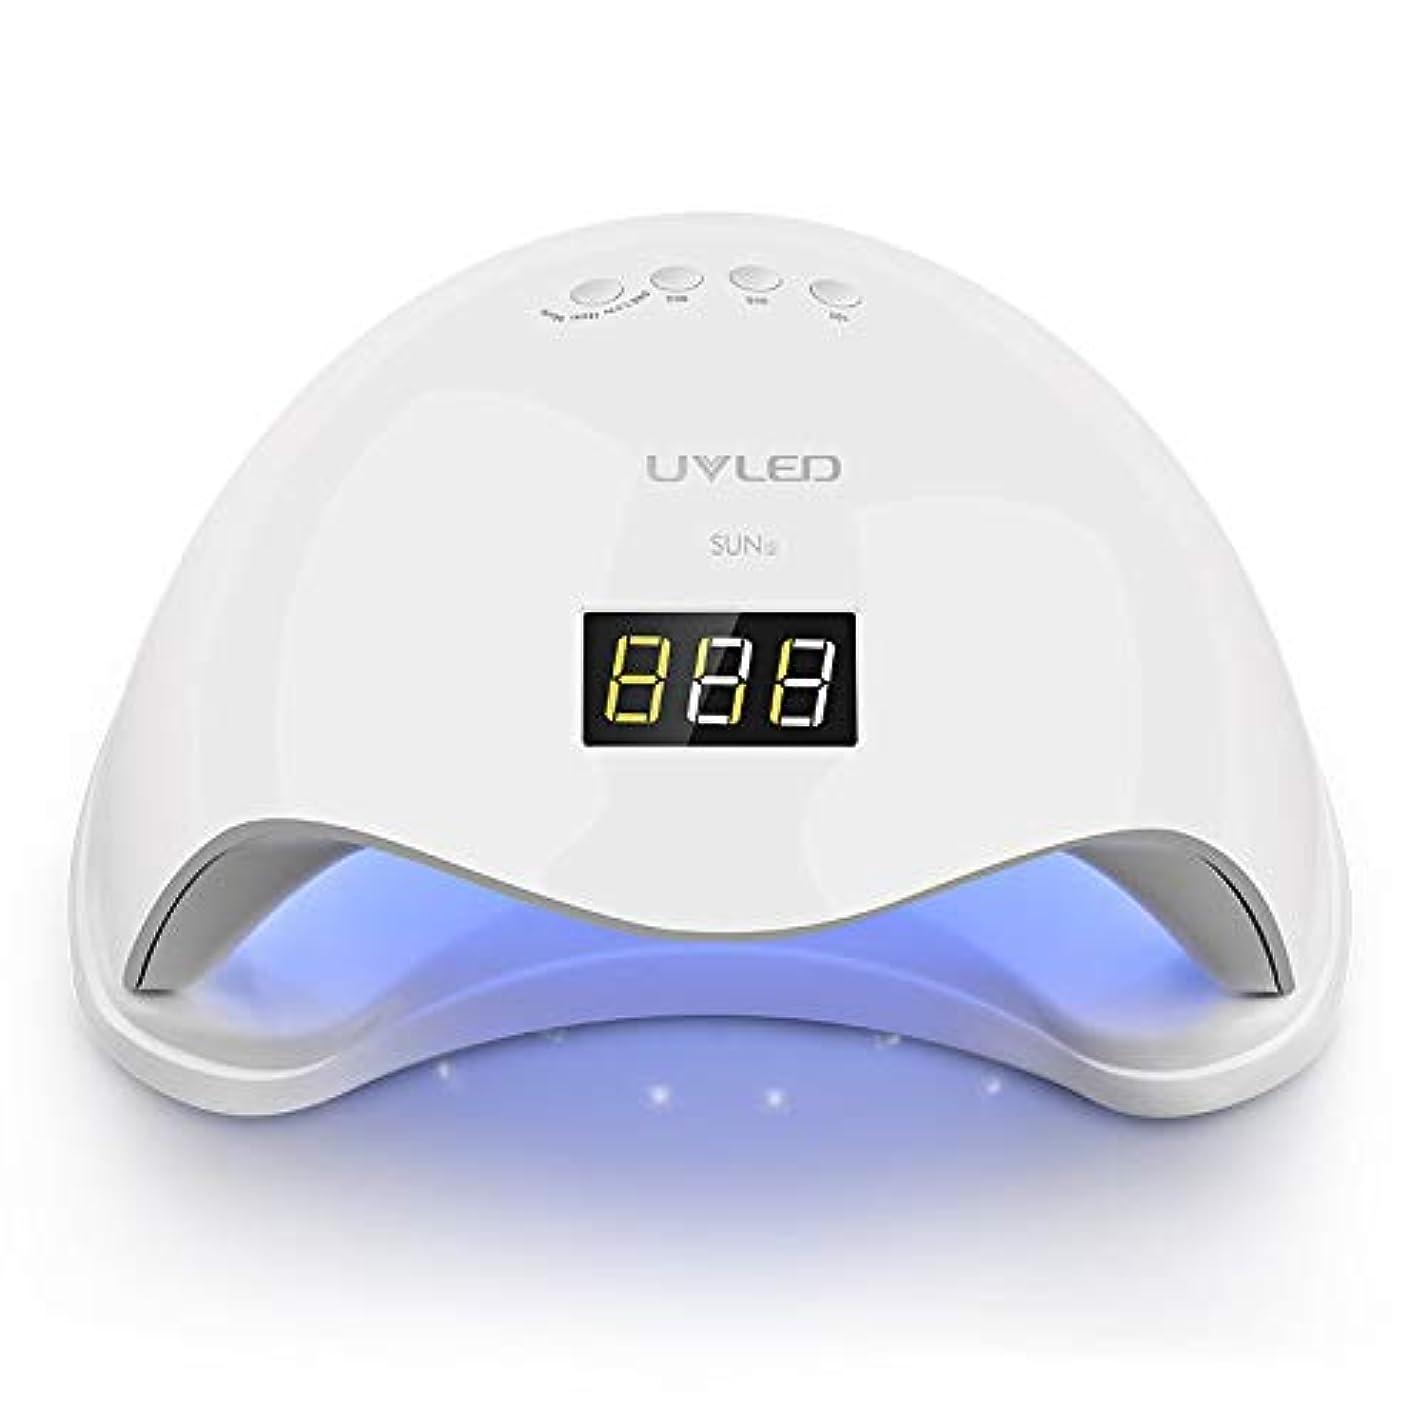 排泄物教旅行48W USB UV LEDネイルライトネイルドライヤー硬化ゲルポーランド、インテリジェント自動センサー3タイマー設定